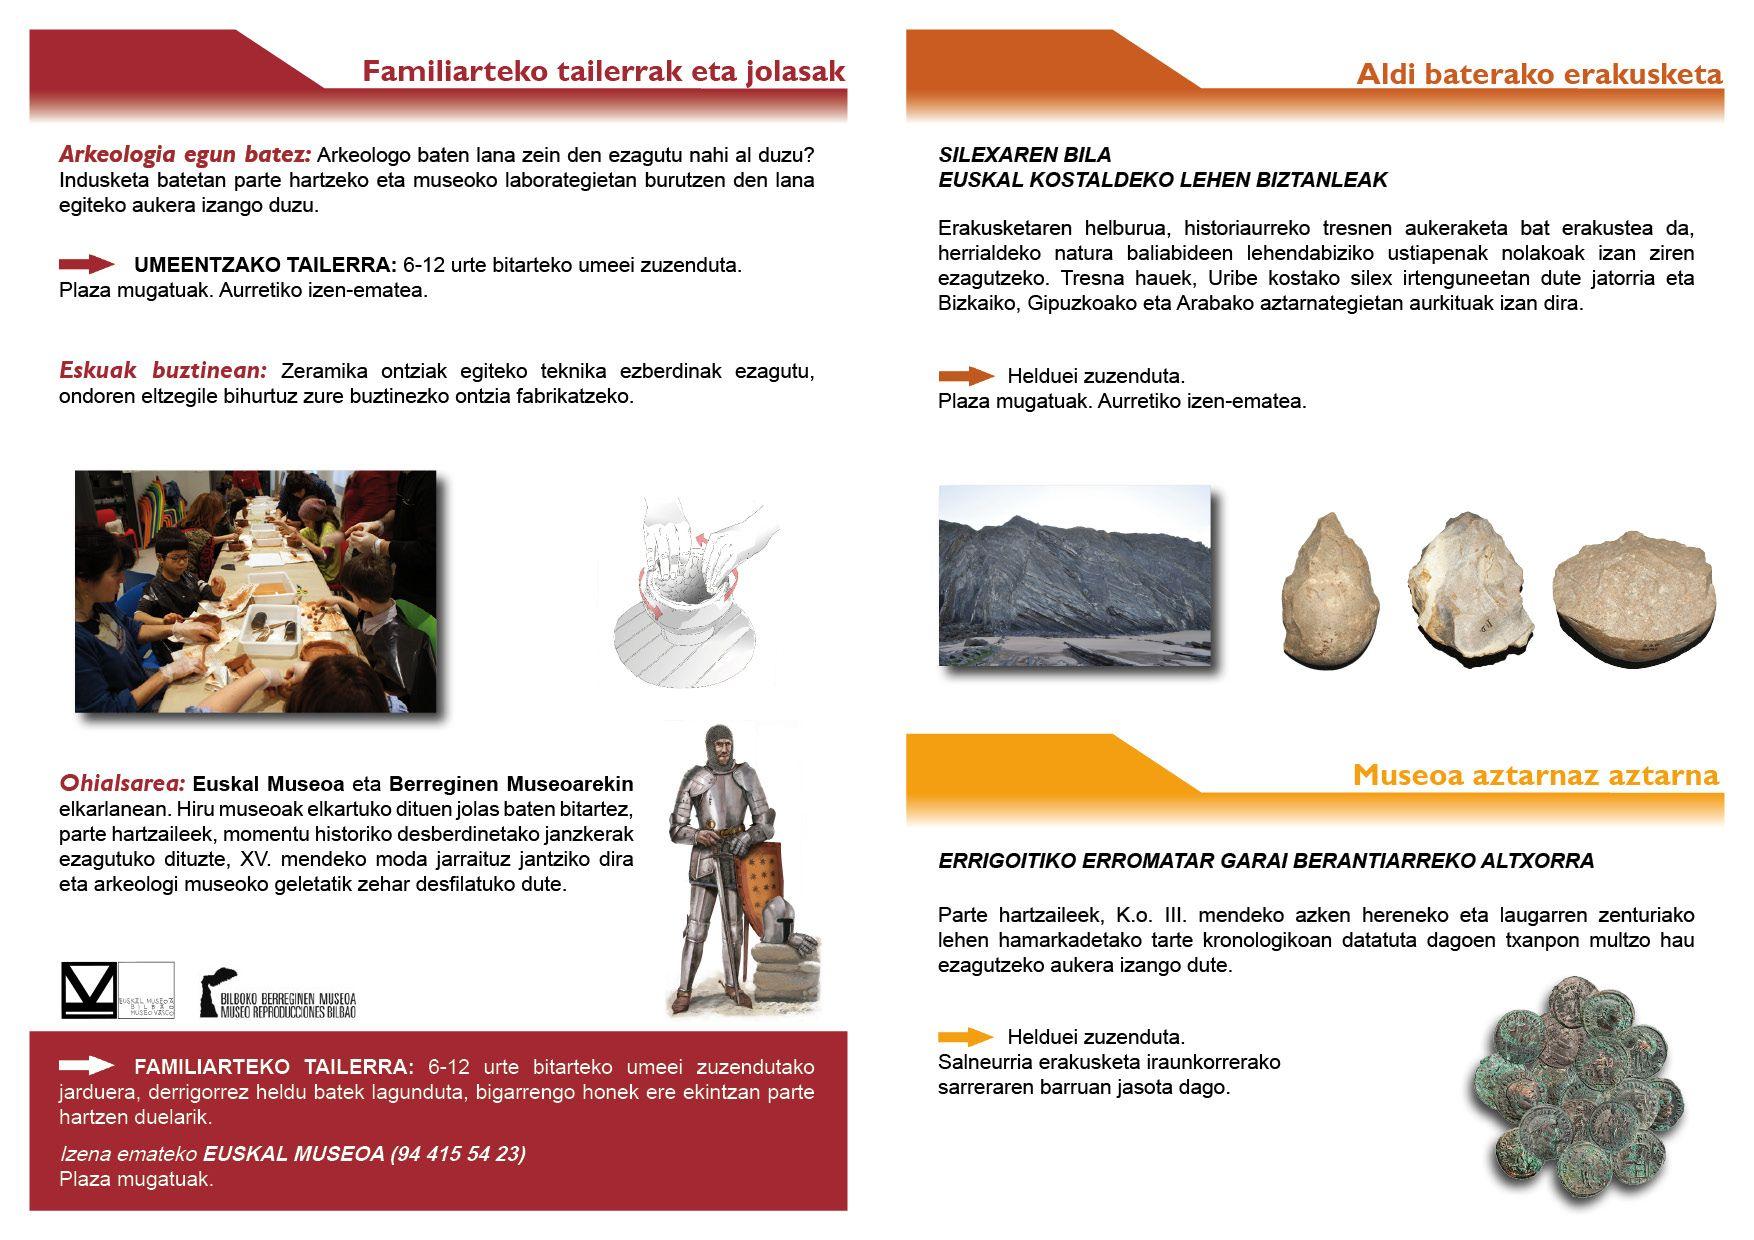 Bizkaiko Arkeologi Museoa_Aste Santua 2014/2